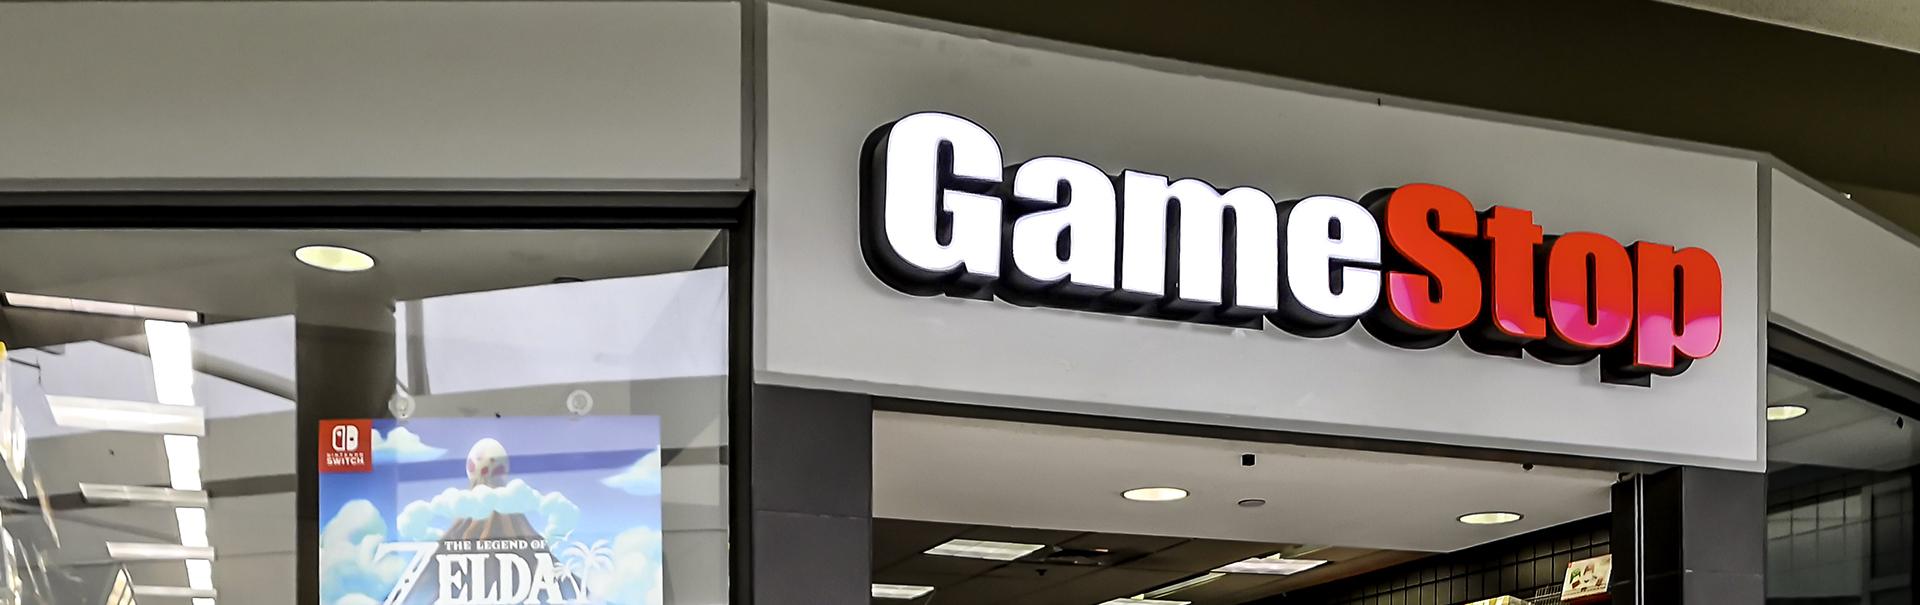 Börsenchaos beim Handel mit Gamestop-Aktien. Gehen Kleinanleger*innen leer aus?